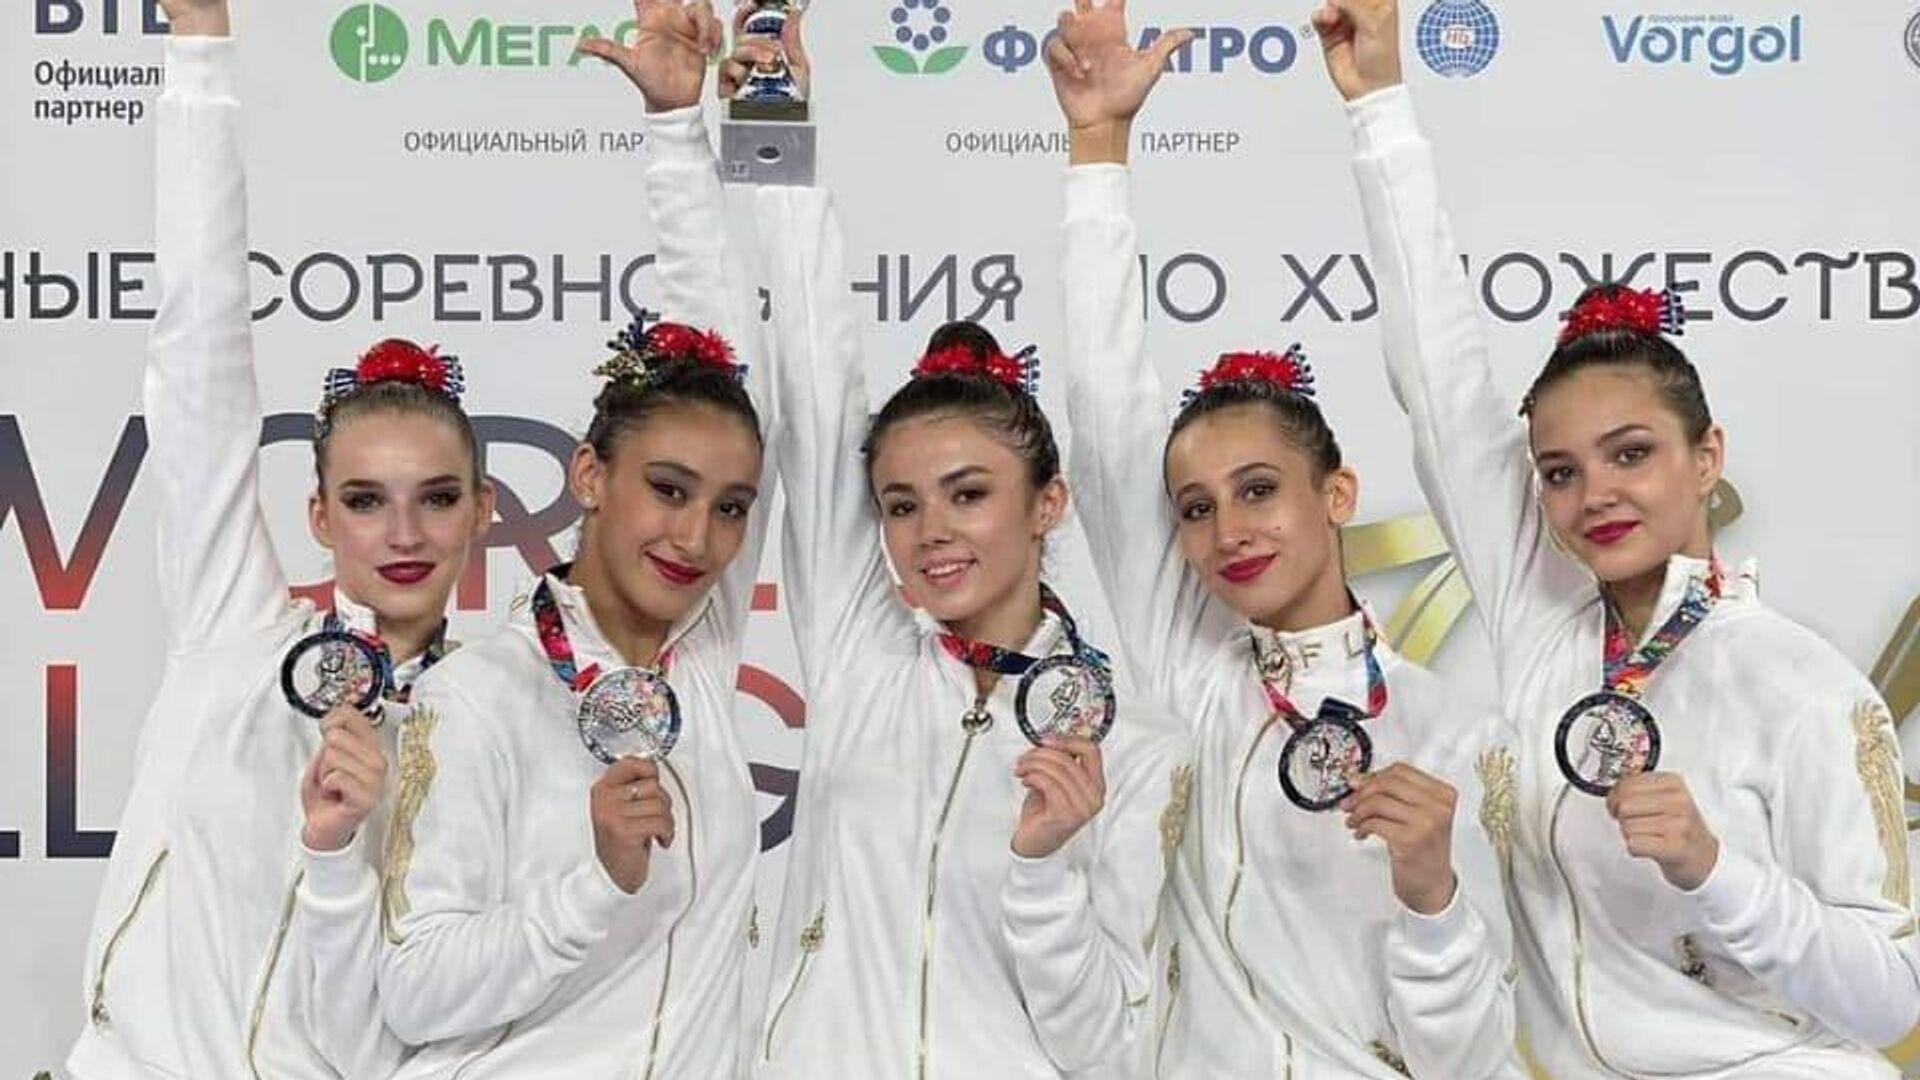 Сборная Узбекистана по художественной гимнастике - Sputnik Узбекистан, 1920, 13.07.2021